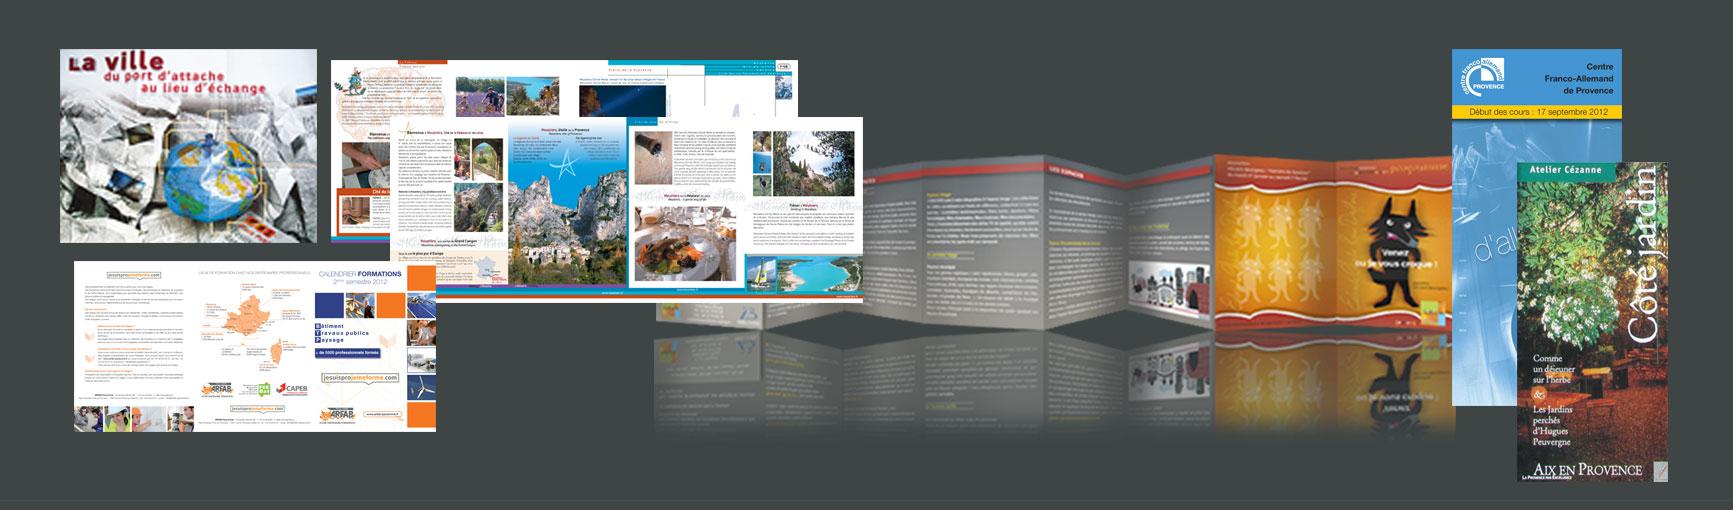 design graphique et impression de dépliants plaquettes d'entreprise